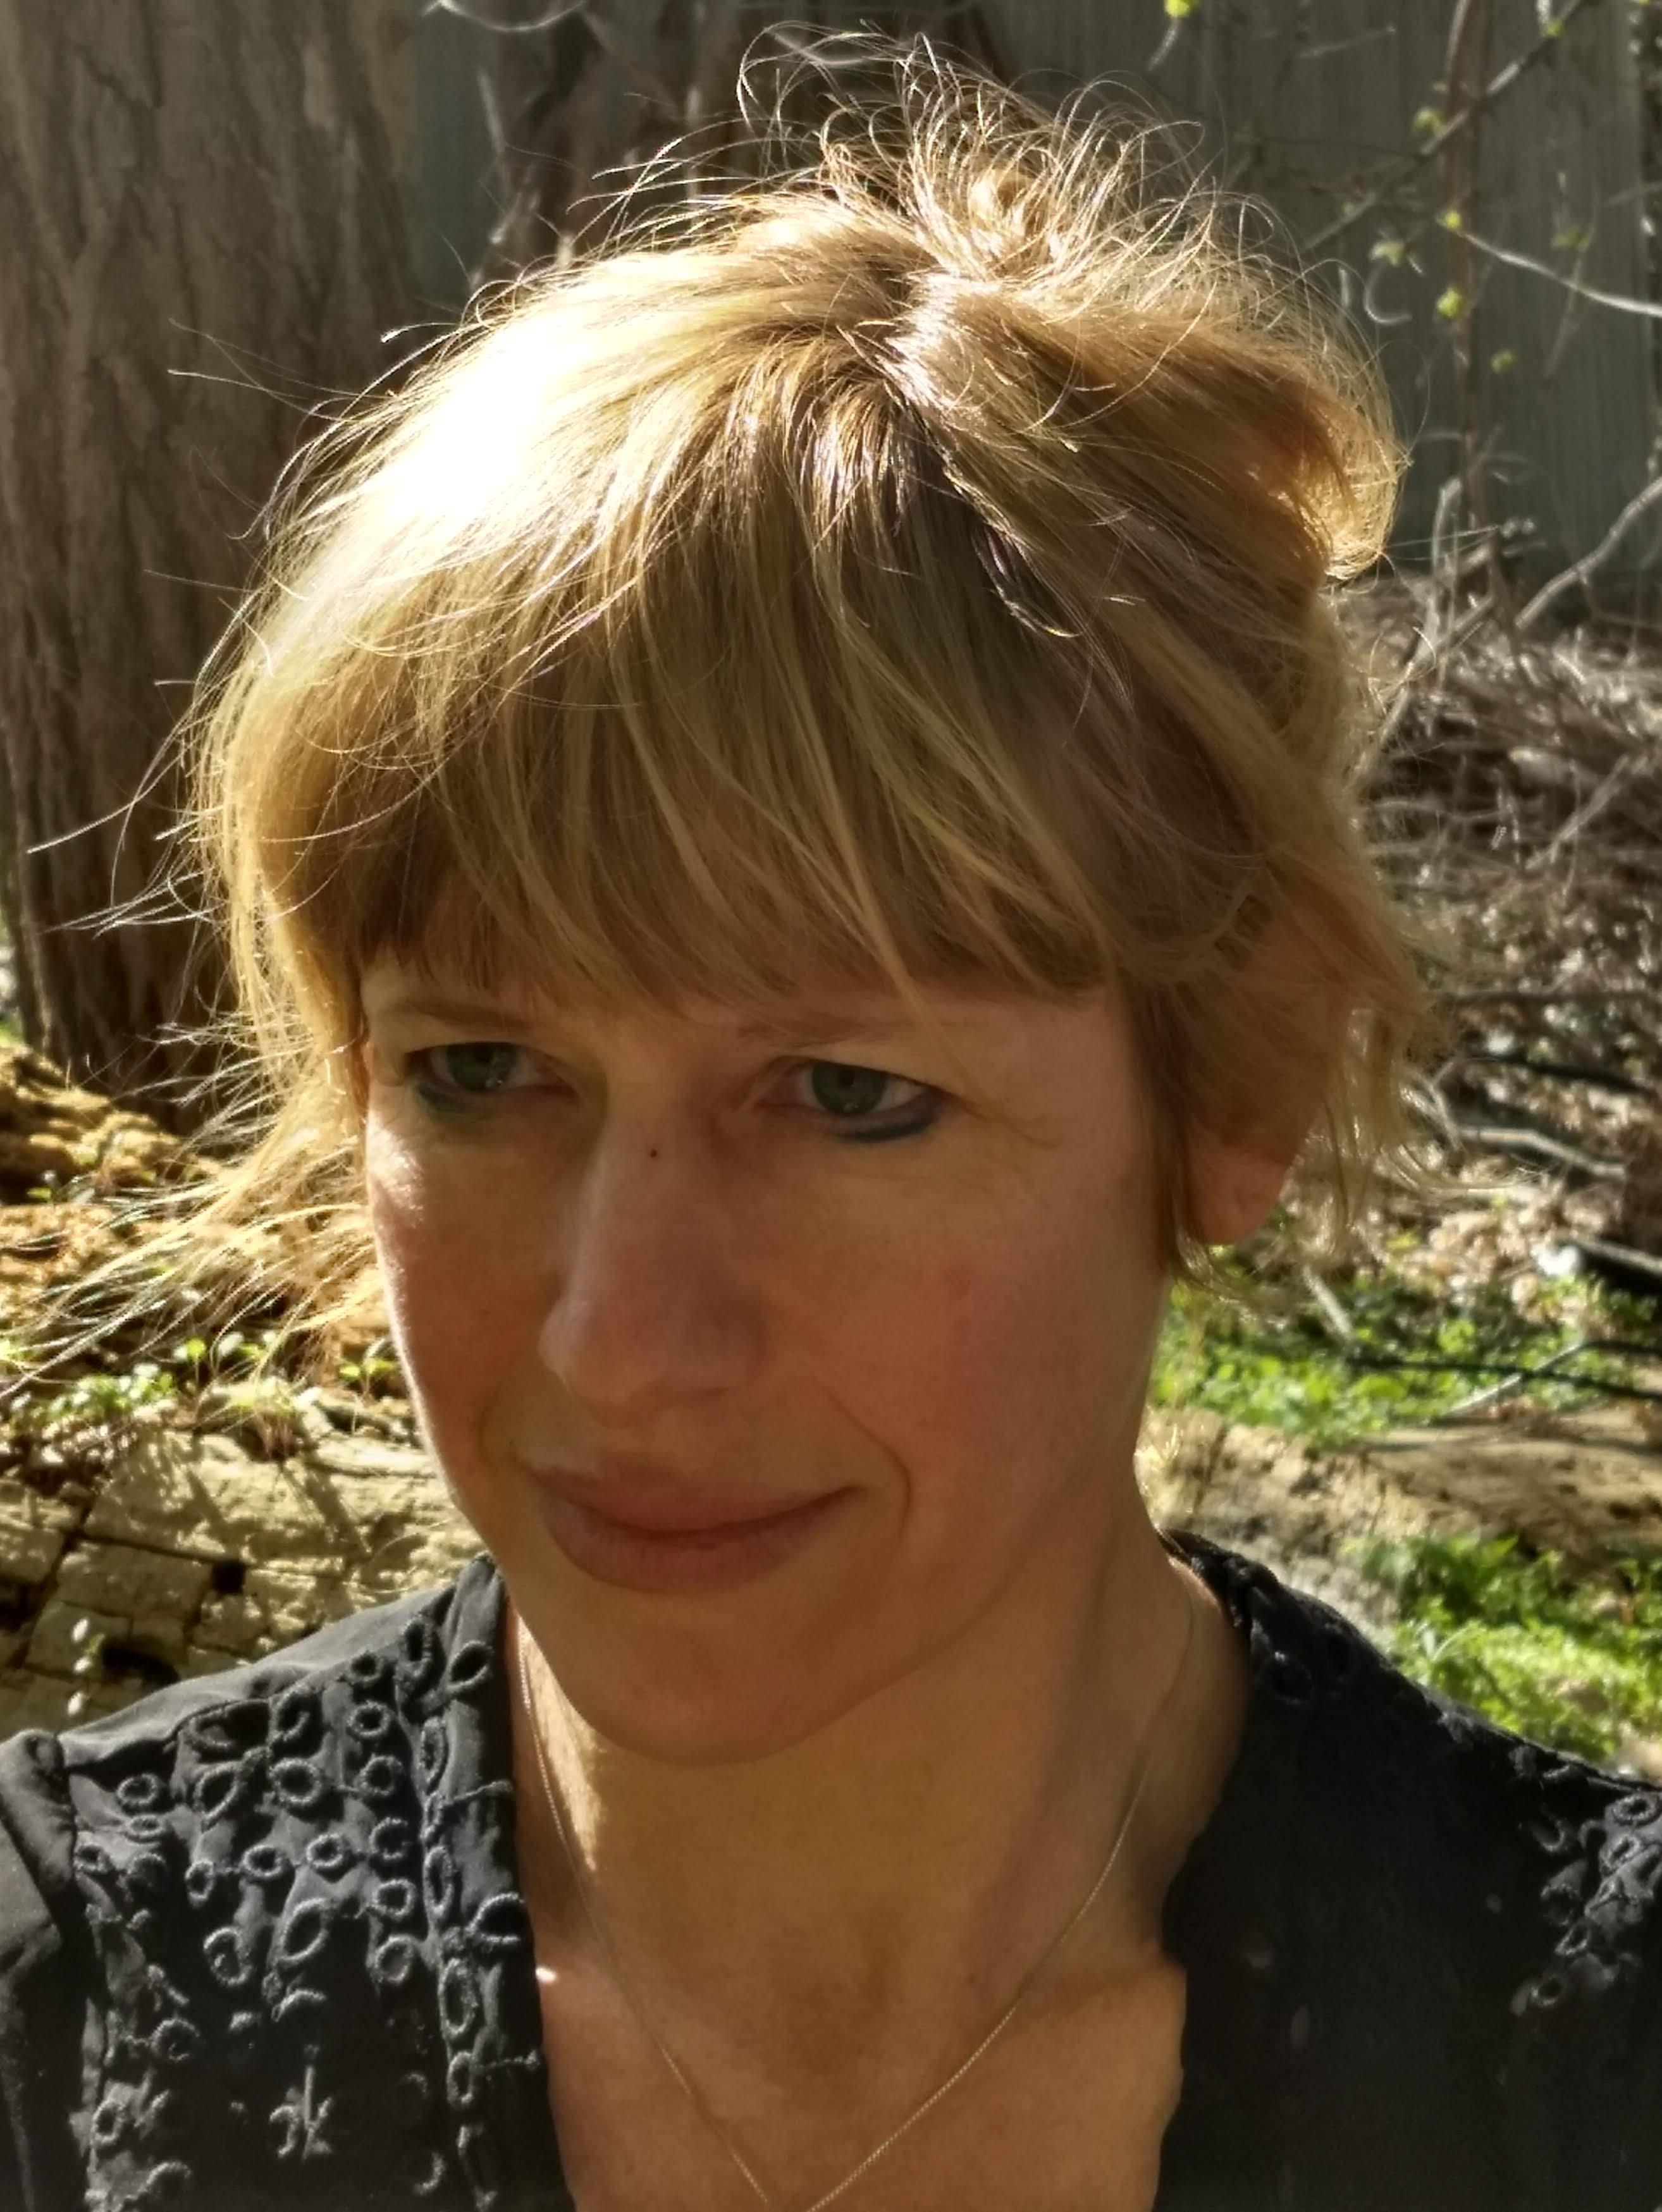 Edie Meidav